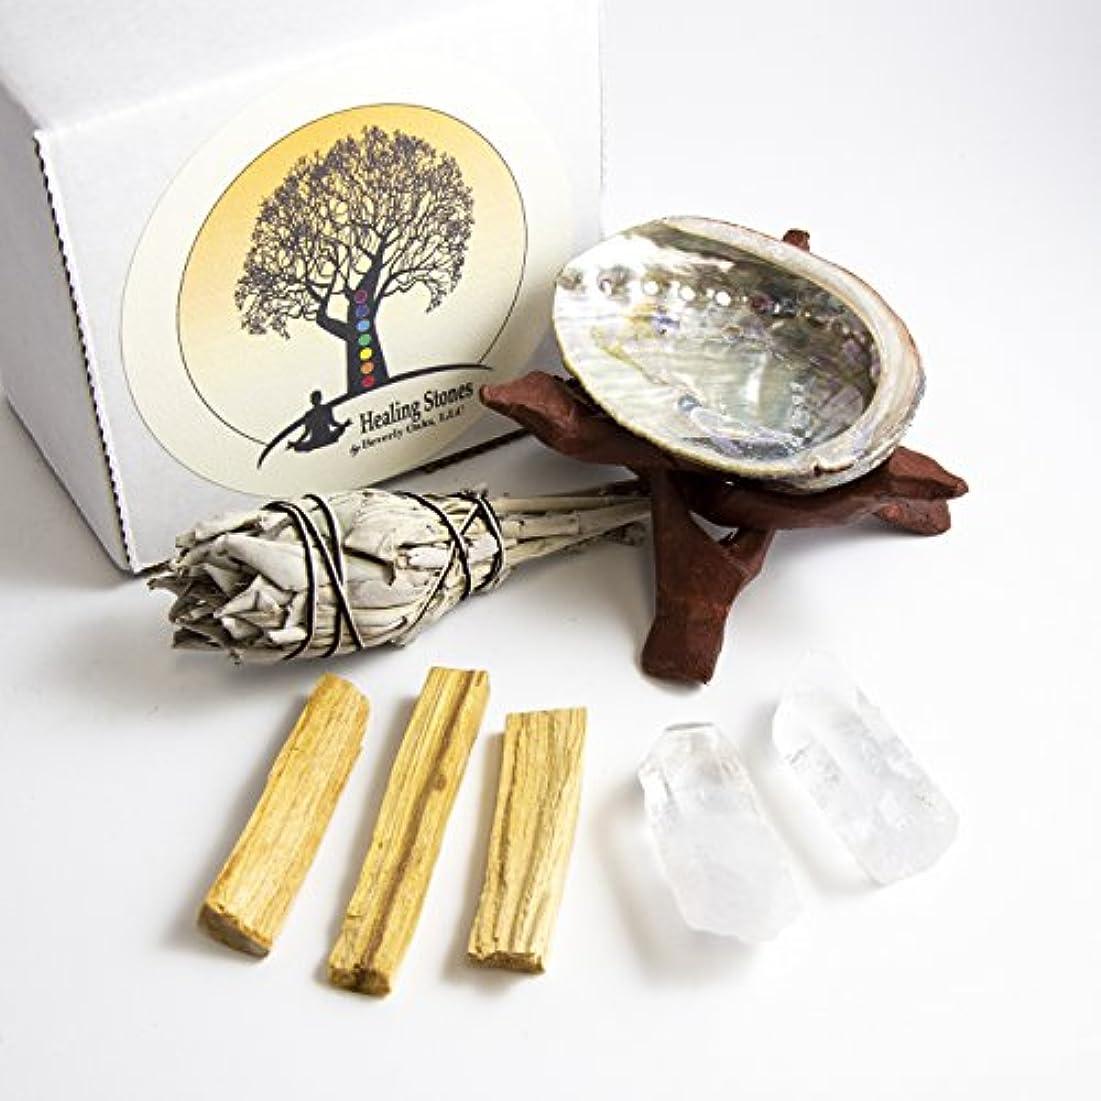 ウェイター森林表面Beverly Oaks瞑想Ritualキット – 2 Clear Quartz Crystals , Palo Santoスティック、カリフォルニアホワイトセージスティック、アワビシェル、コブラスタンド – Healing...